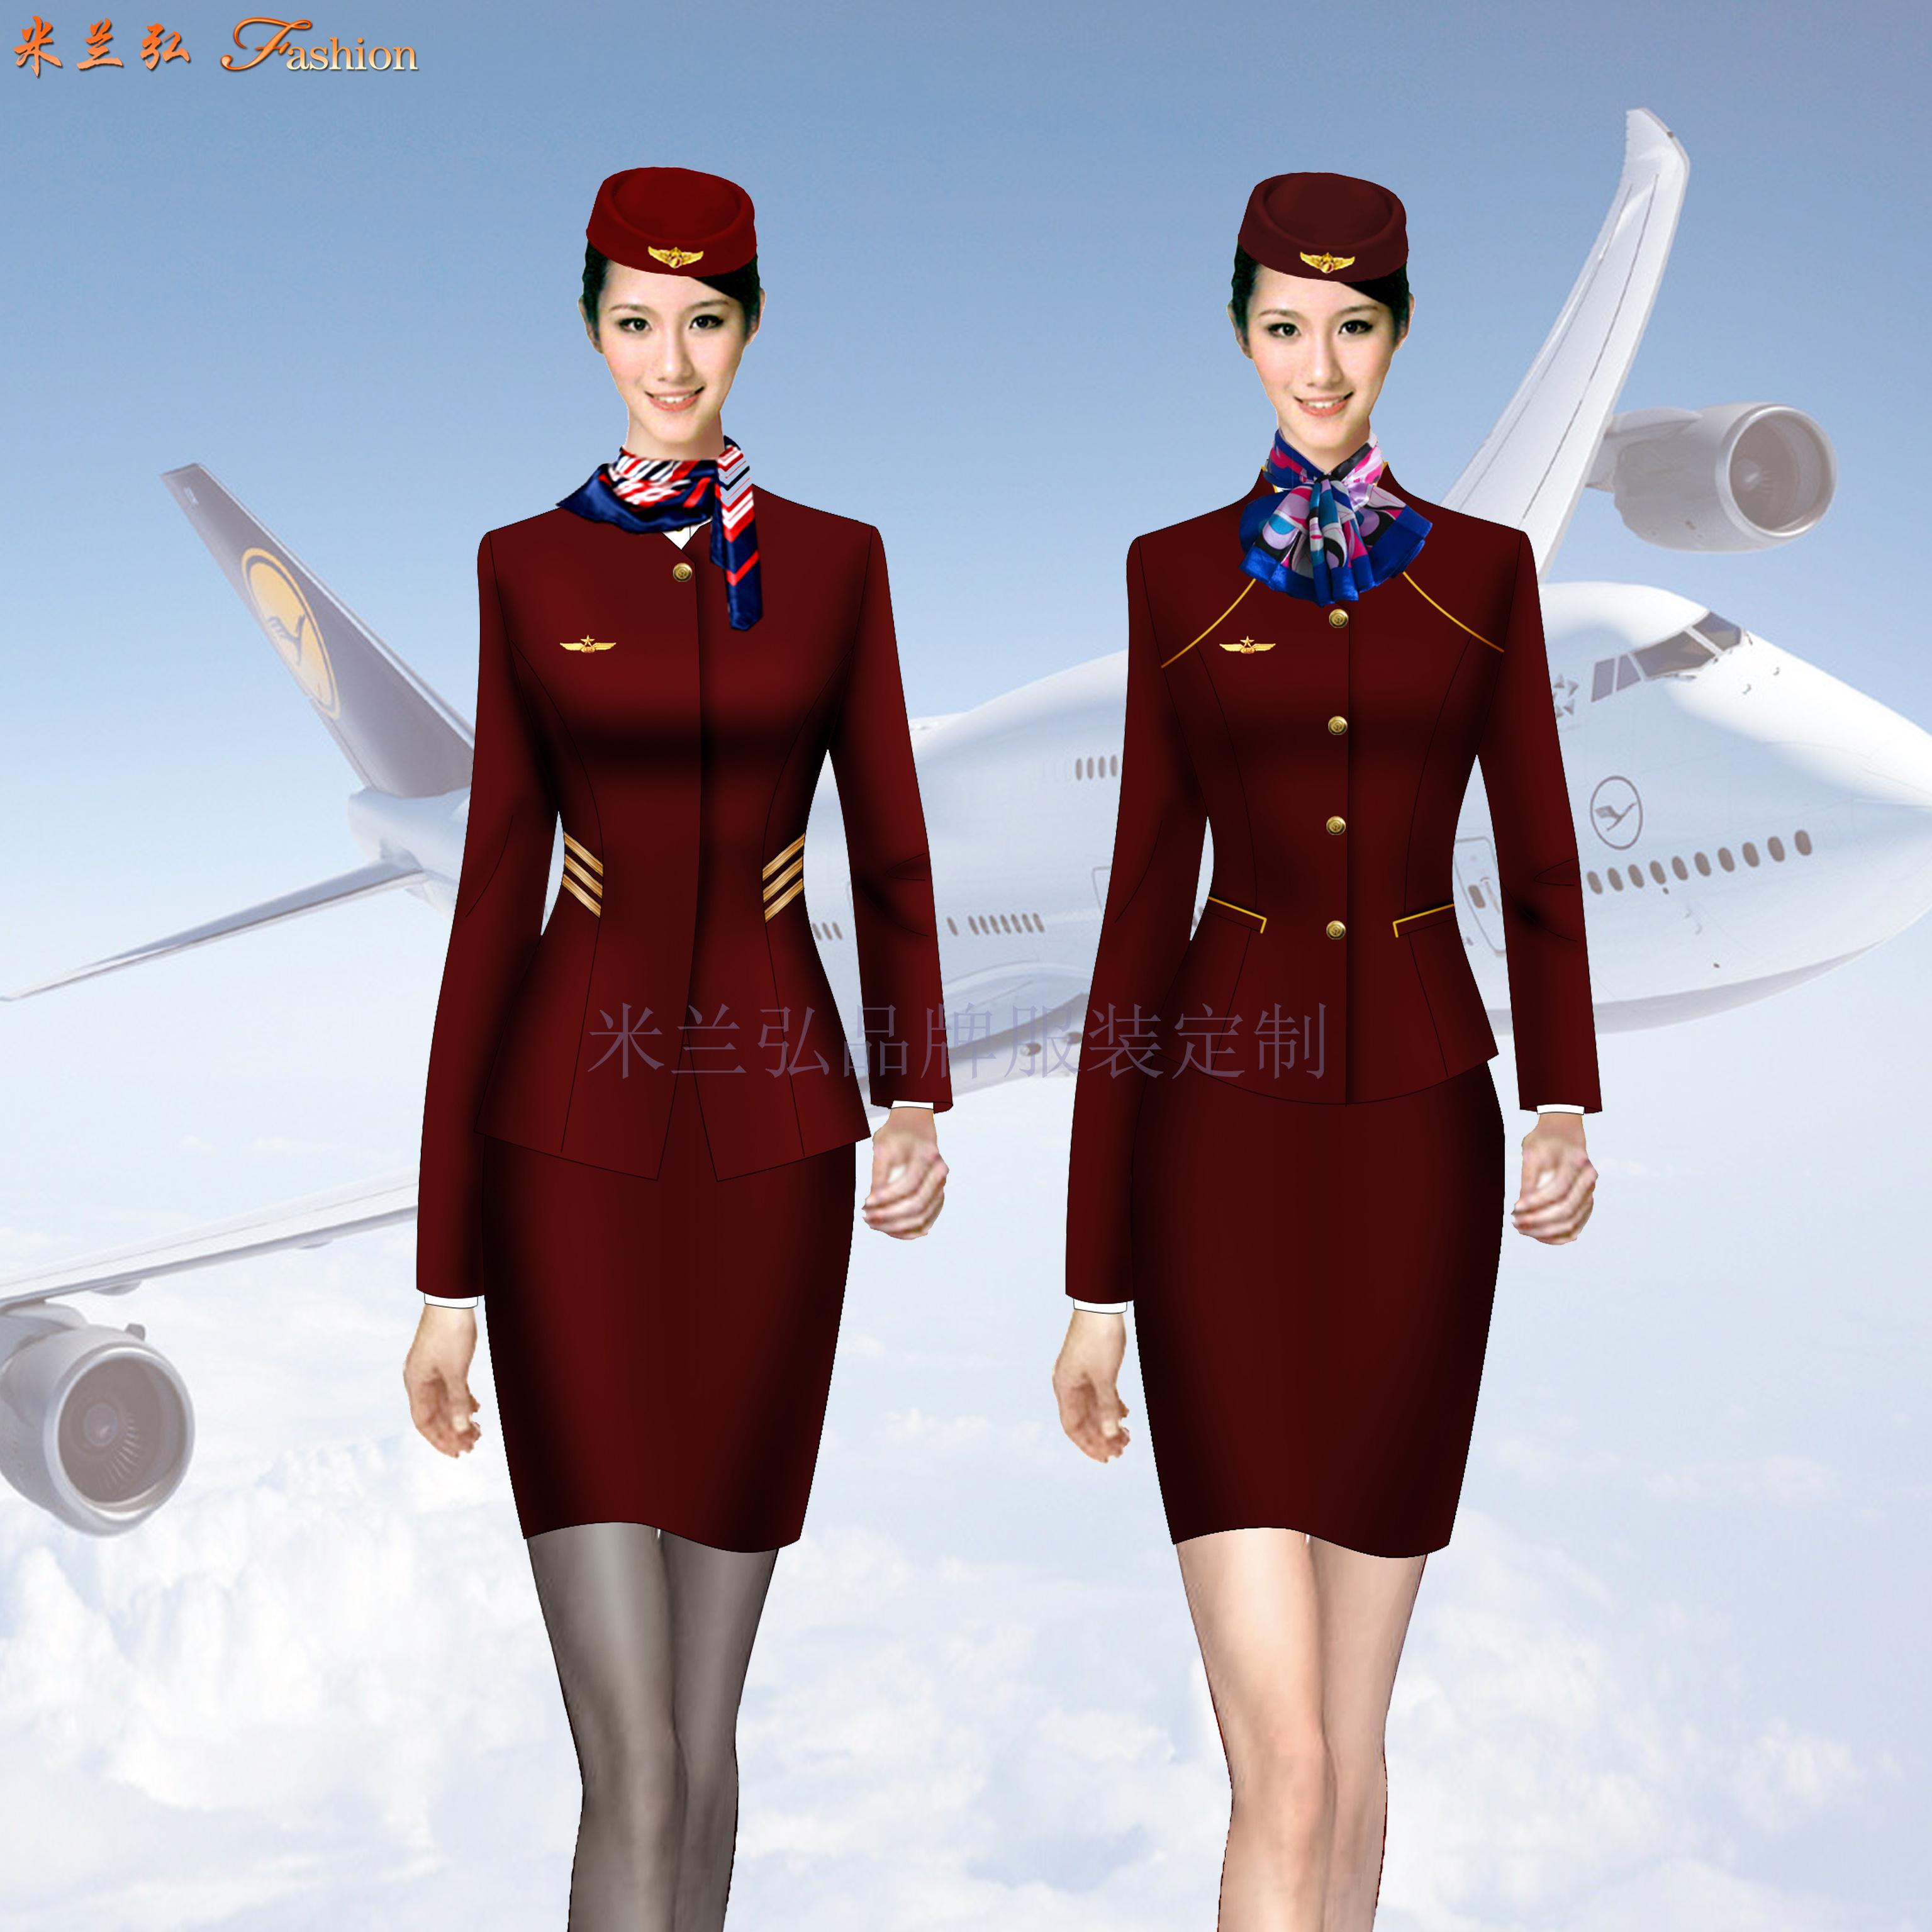 江西空姐服定制-空乘人員服裝圖片-米蘭弘服裝-5